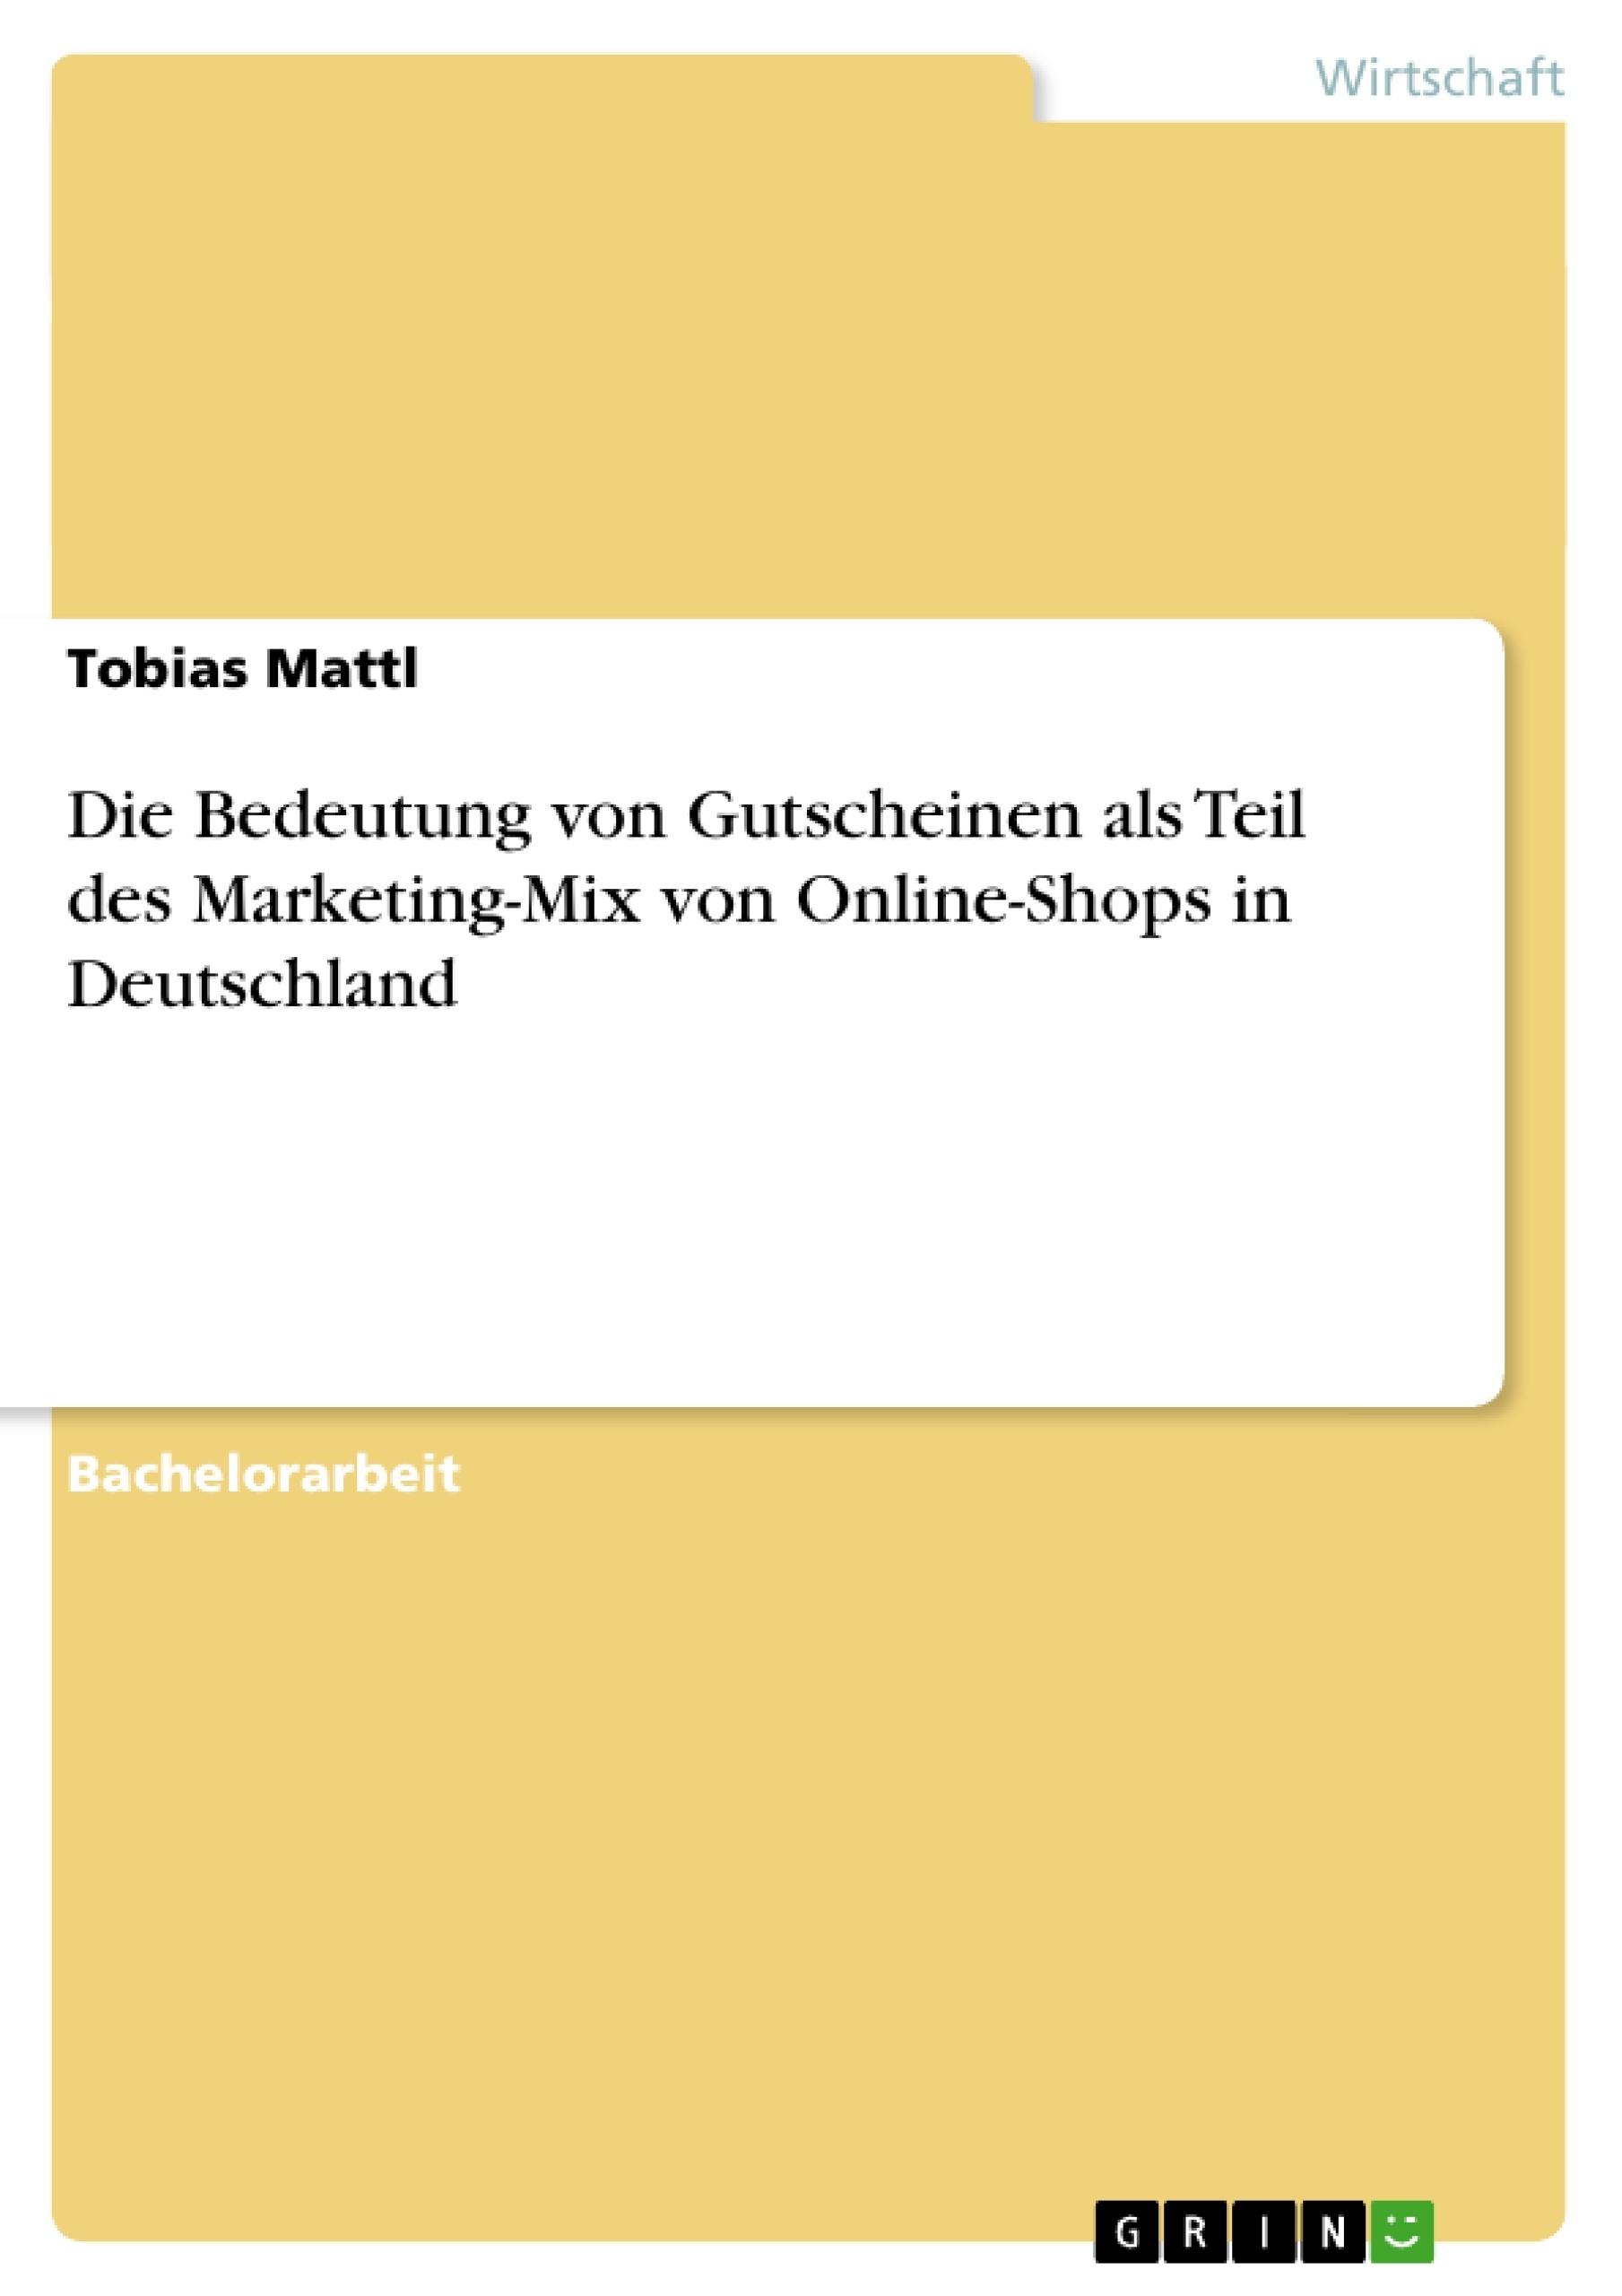 Titel: Die Bedeutung von Gutscheinen als Teil des Marketing-Mix von Online-Shops in Deutschland